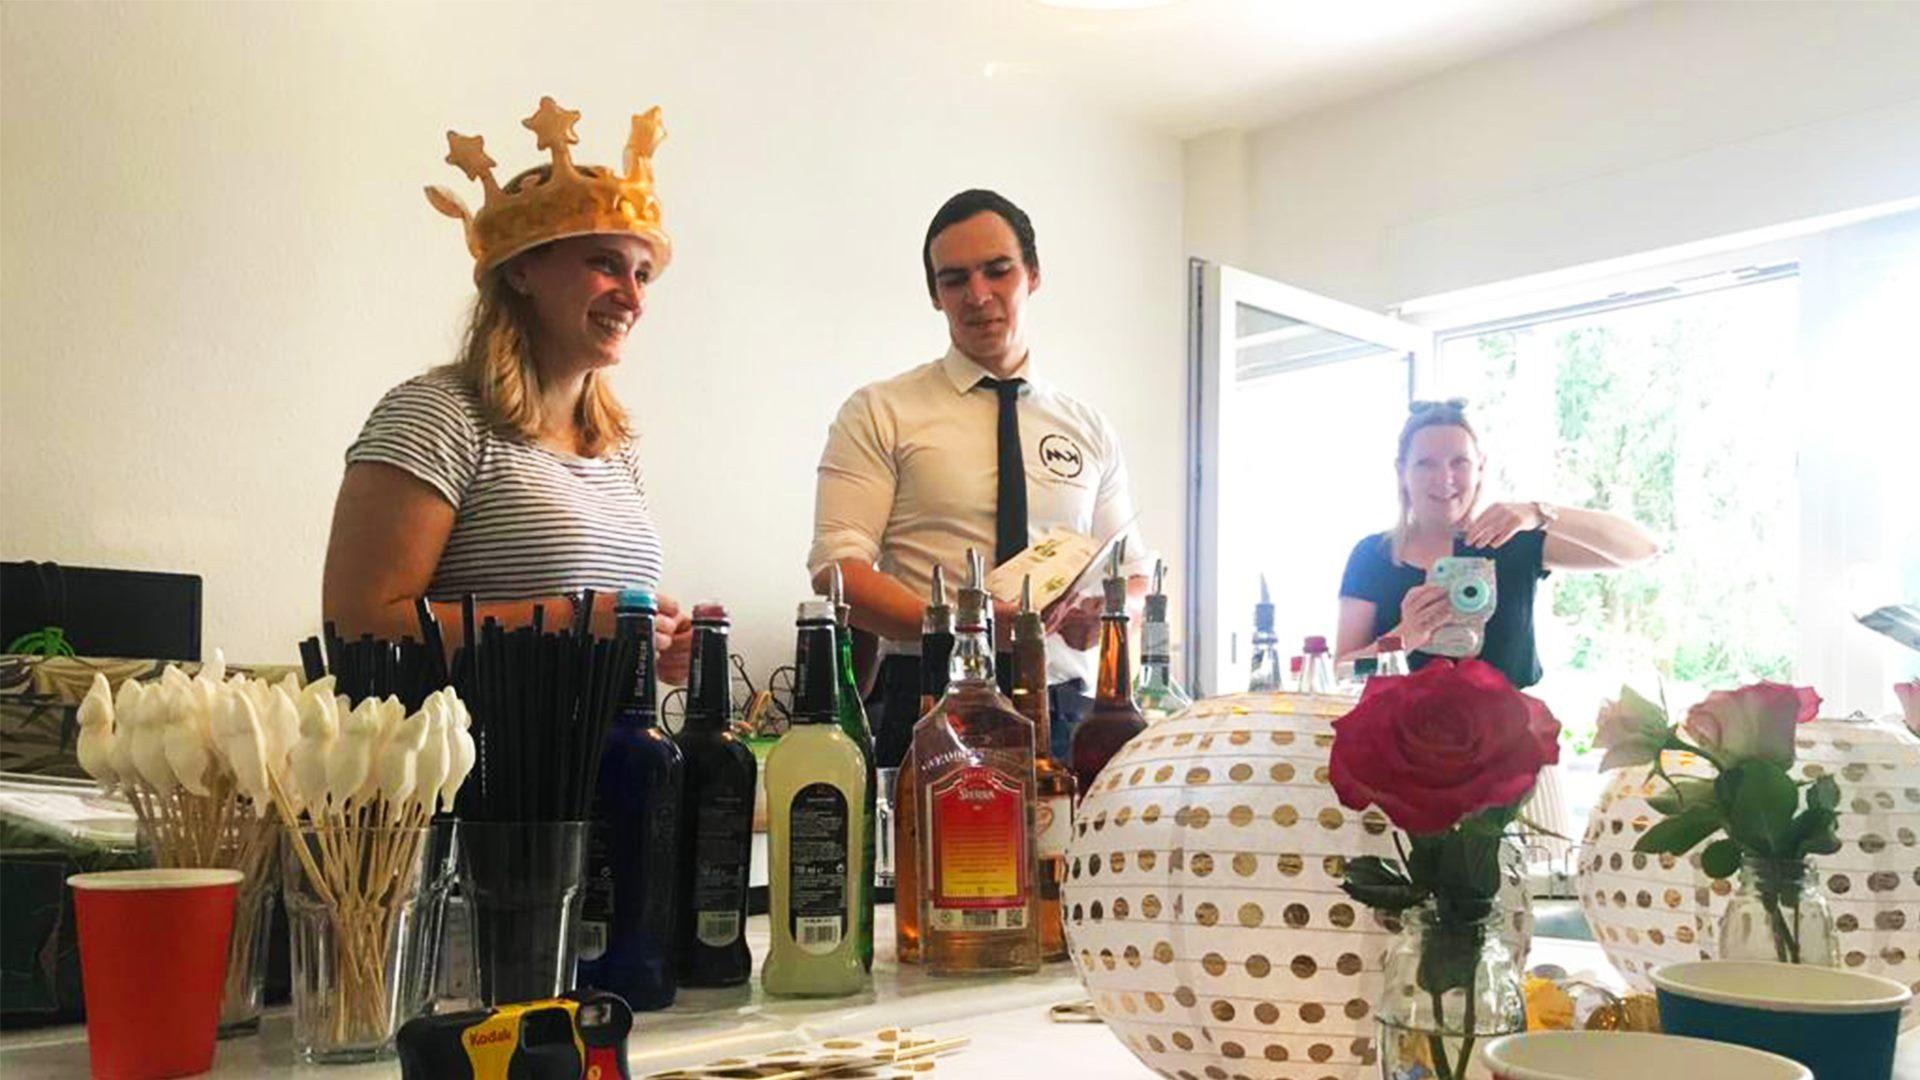 Cocktails Knepper - Cocktailkurs in NRW - Unser Cocktailkurs-dynamisch, spaßig und lecker